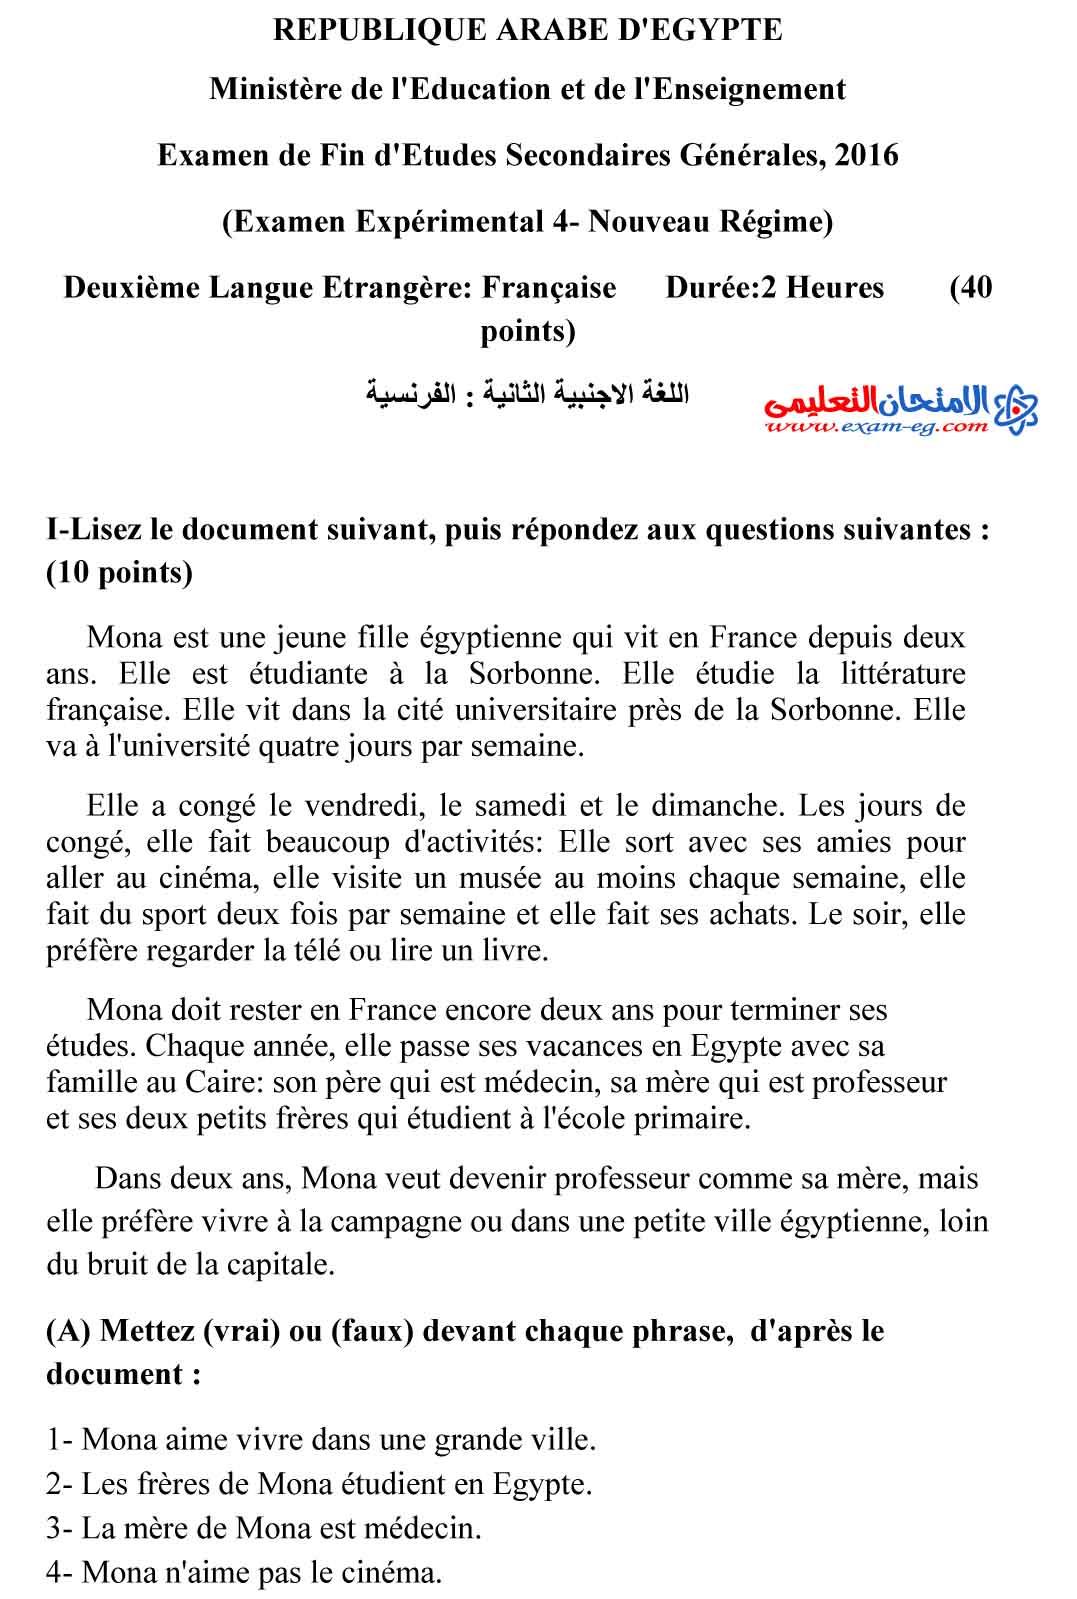 لغة فرنسية 4 - مدرسة اون لاين-1